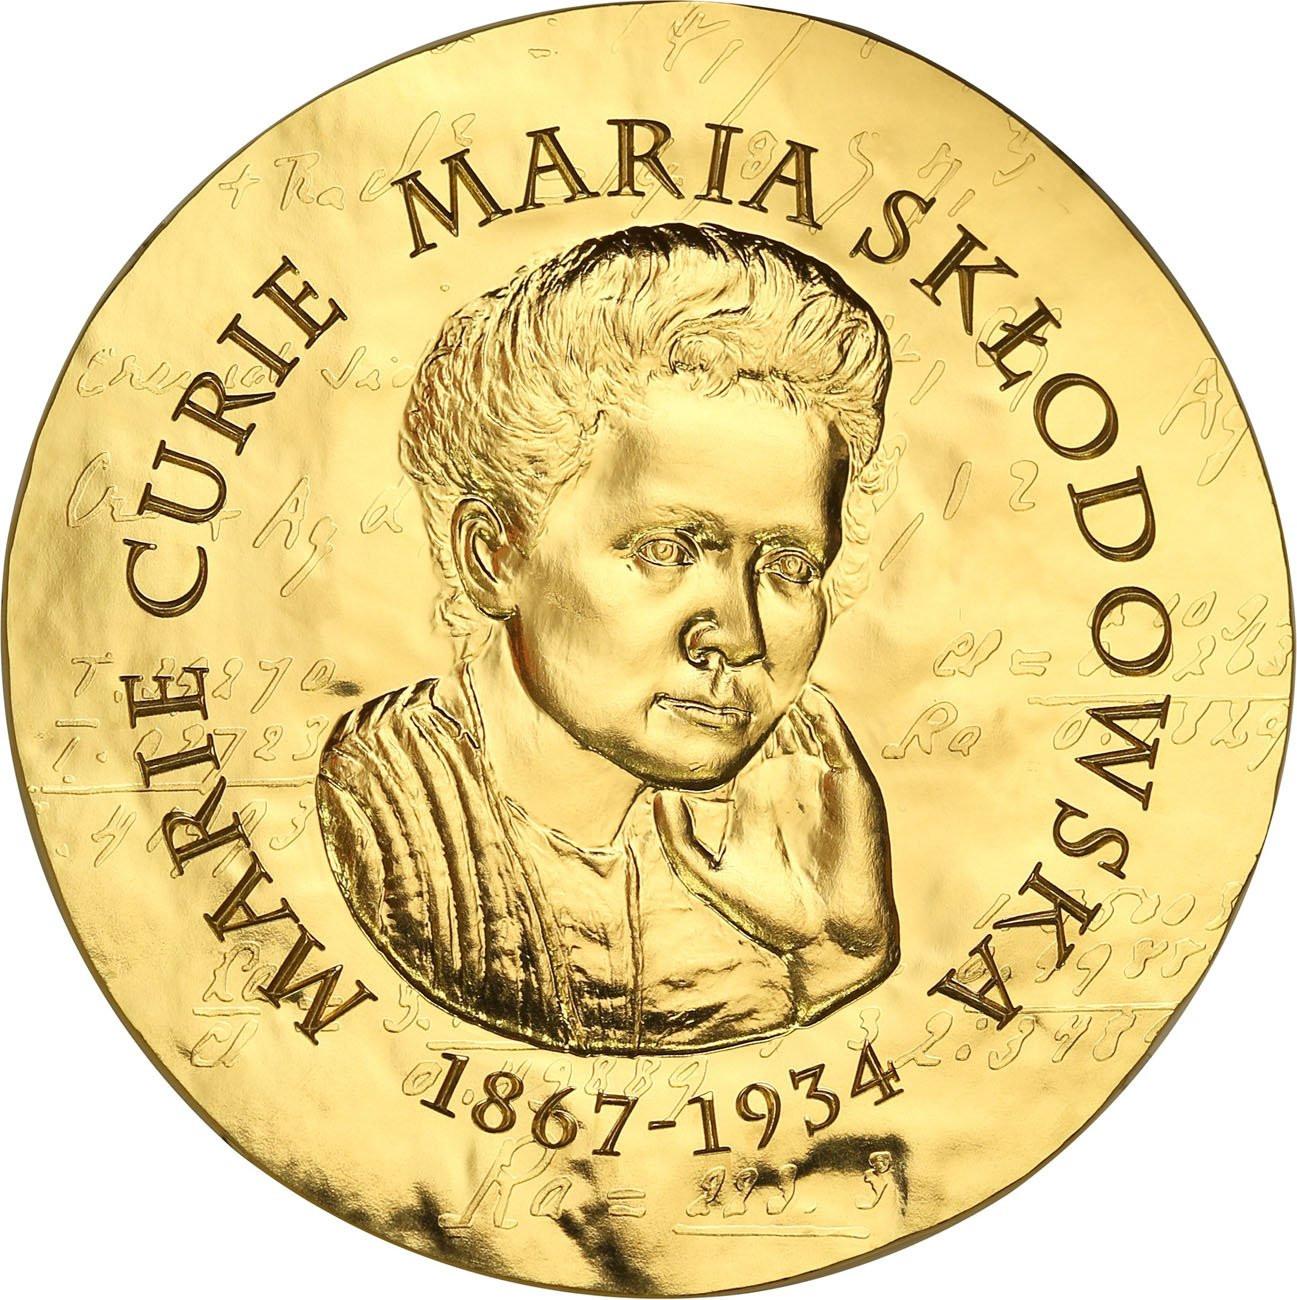 Francja 200 euro 2019 Kobiety Francji Skłodowska TYLKO 250 szt - 1 Uncja złota